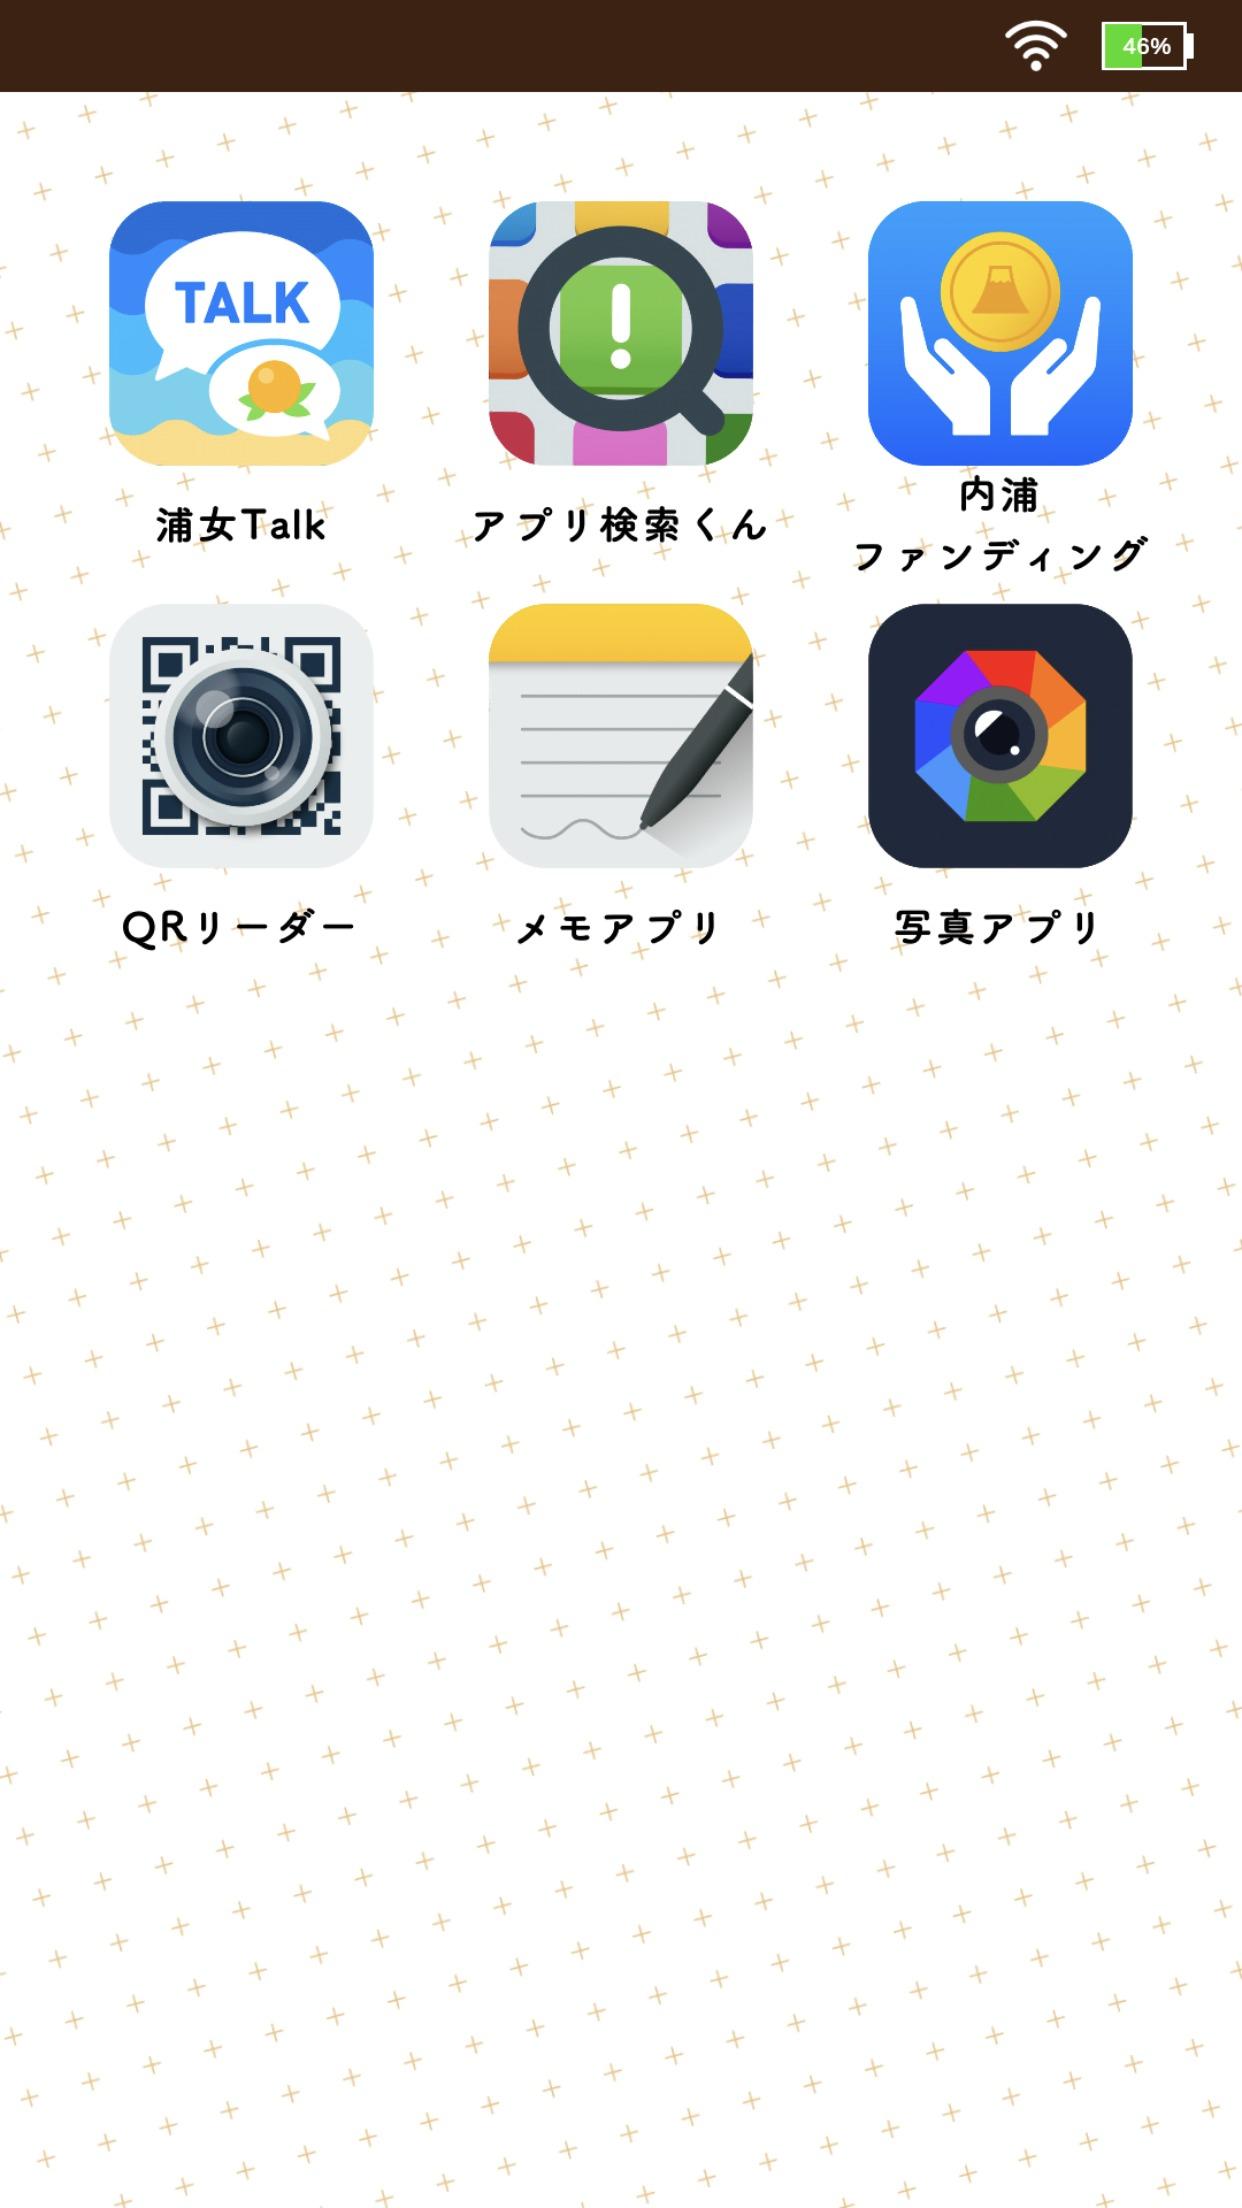 スマホアプリはゲーム前にインストールしておくこと! (C)2017 プロジェクトラブライブ!サンシャイン!!/(C)SCRAP